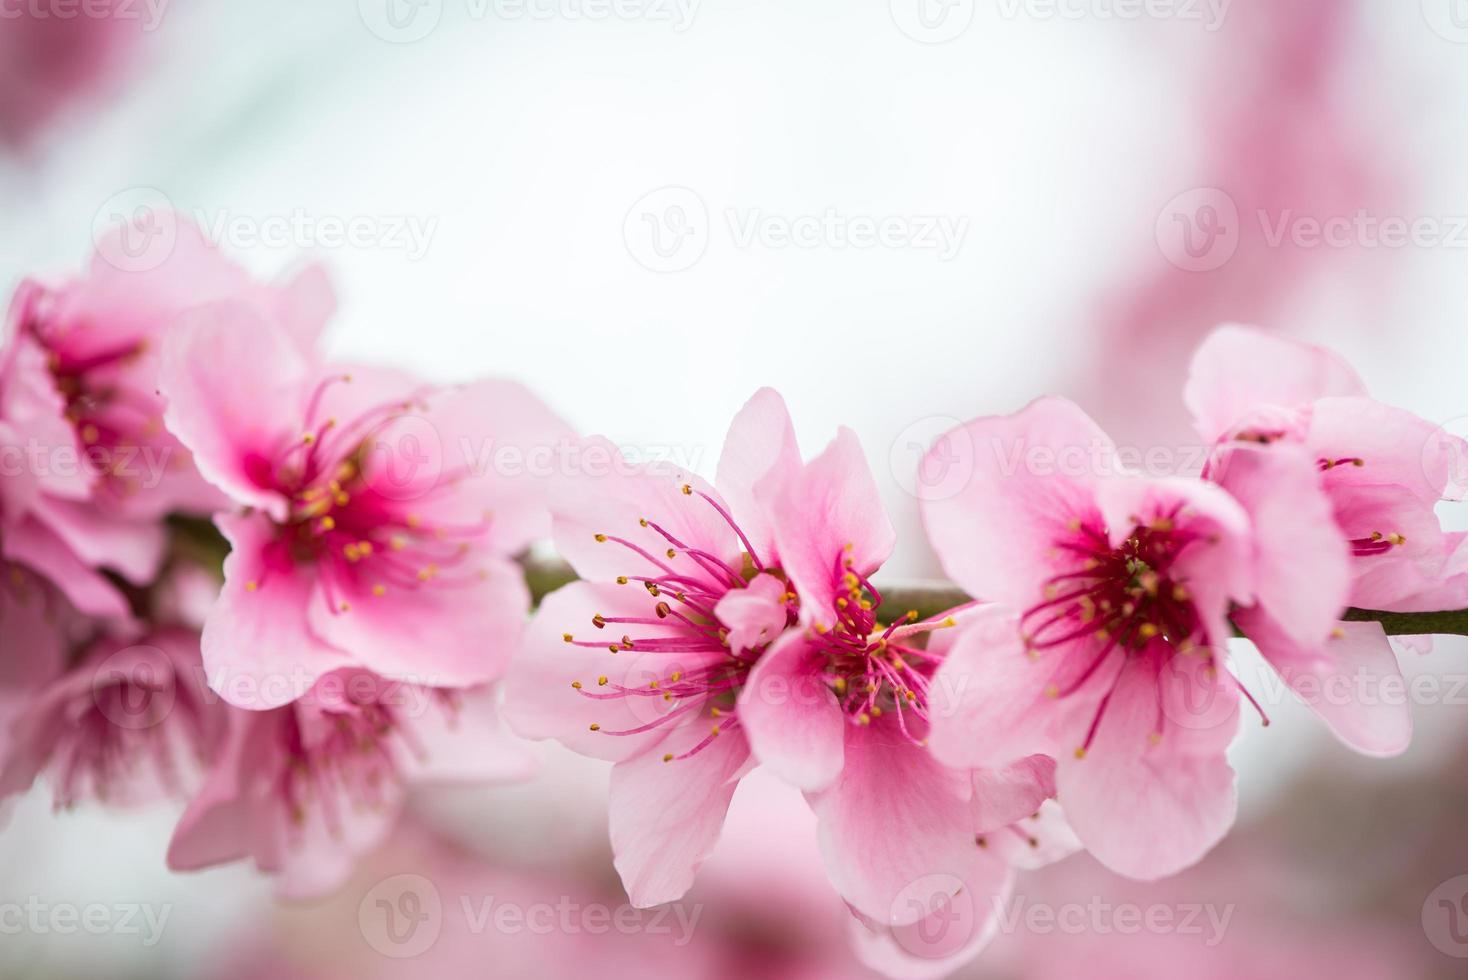 galho de árvore florescendo na primavera com fundo blured foto